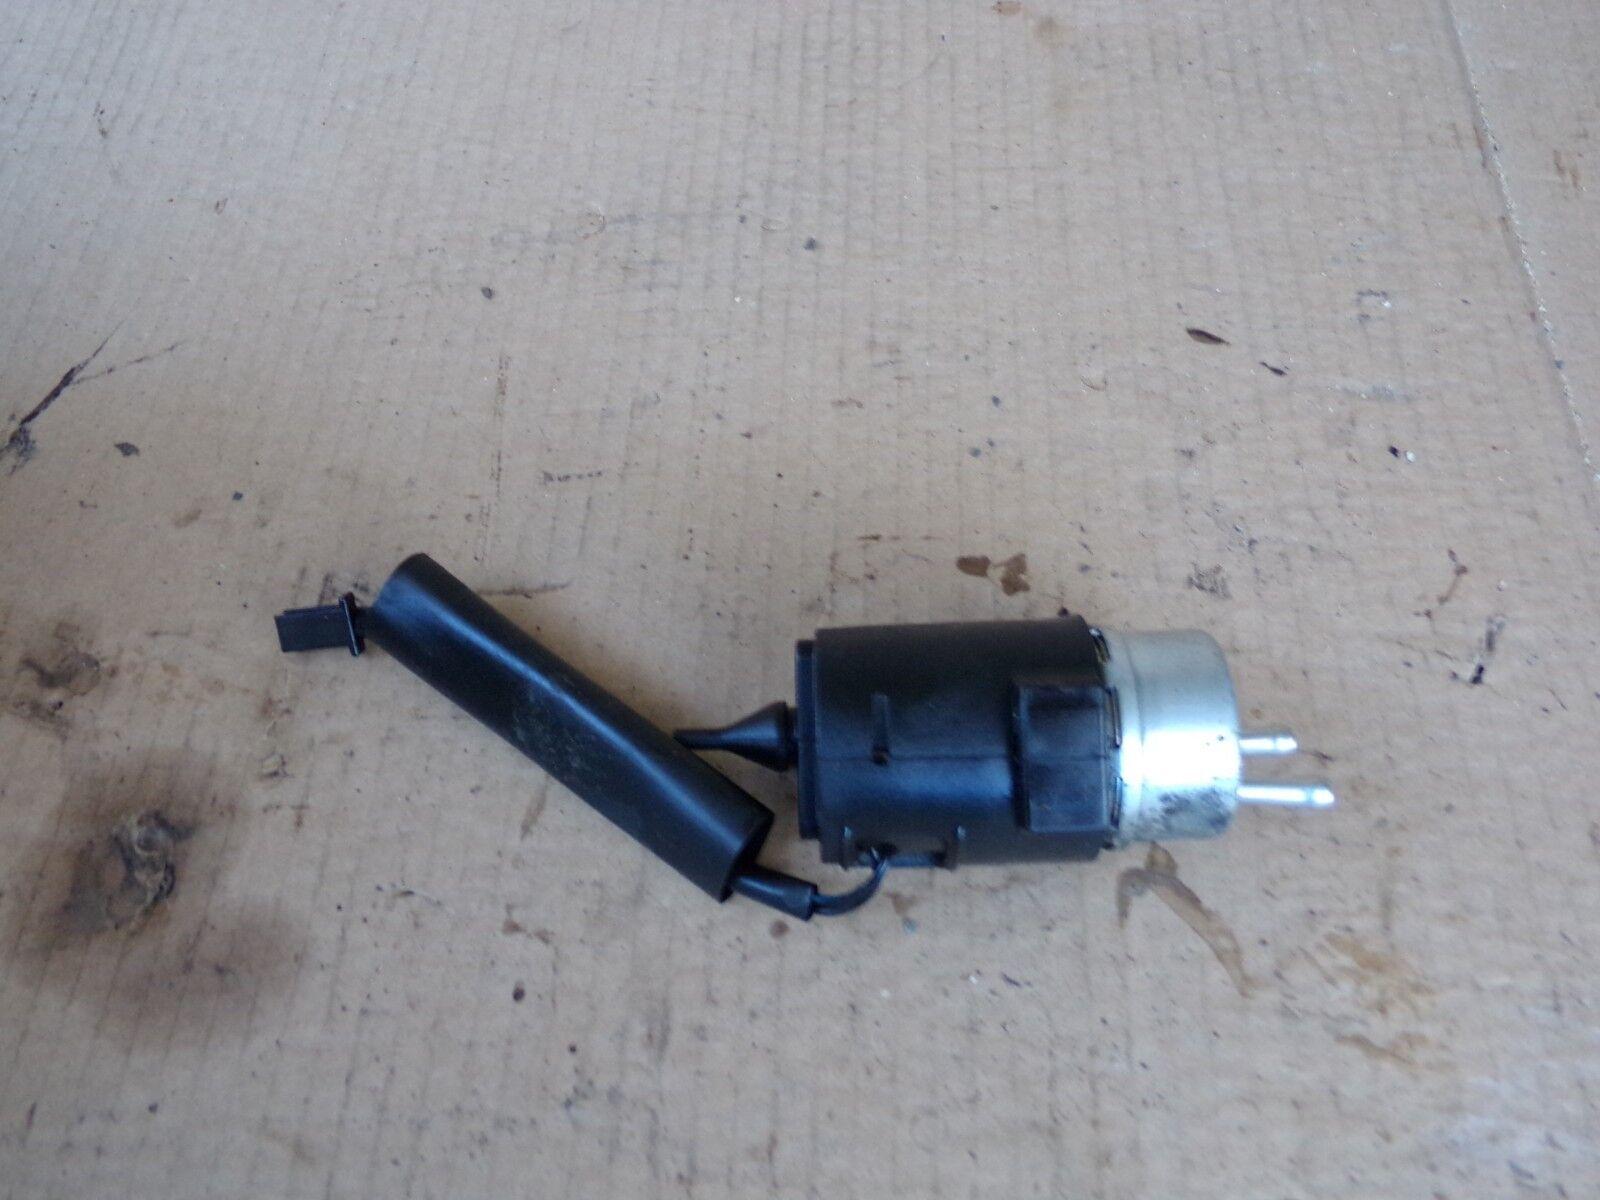 Pompe essence origine piaggio  mp3 639861 maxi scooter 125 mp3 x8 x9 x-evo gts